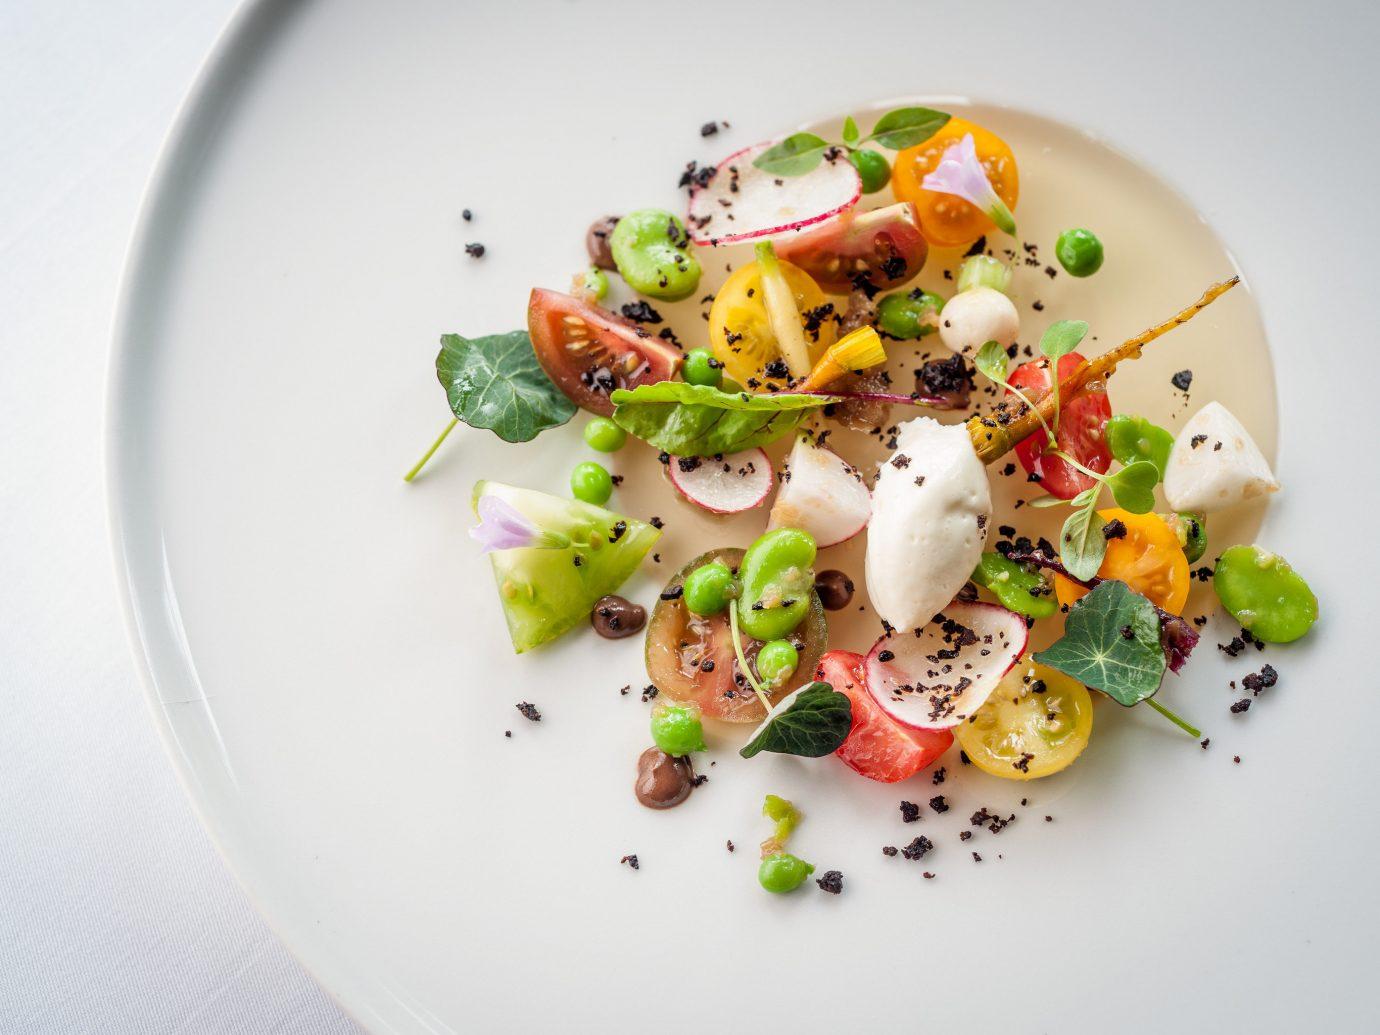 Trip Ideas plate food dish salad plant produce white cuisine vegetable fruit flowering plant meal piece de resistance